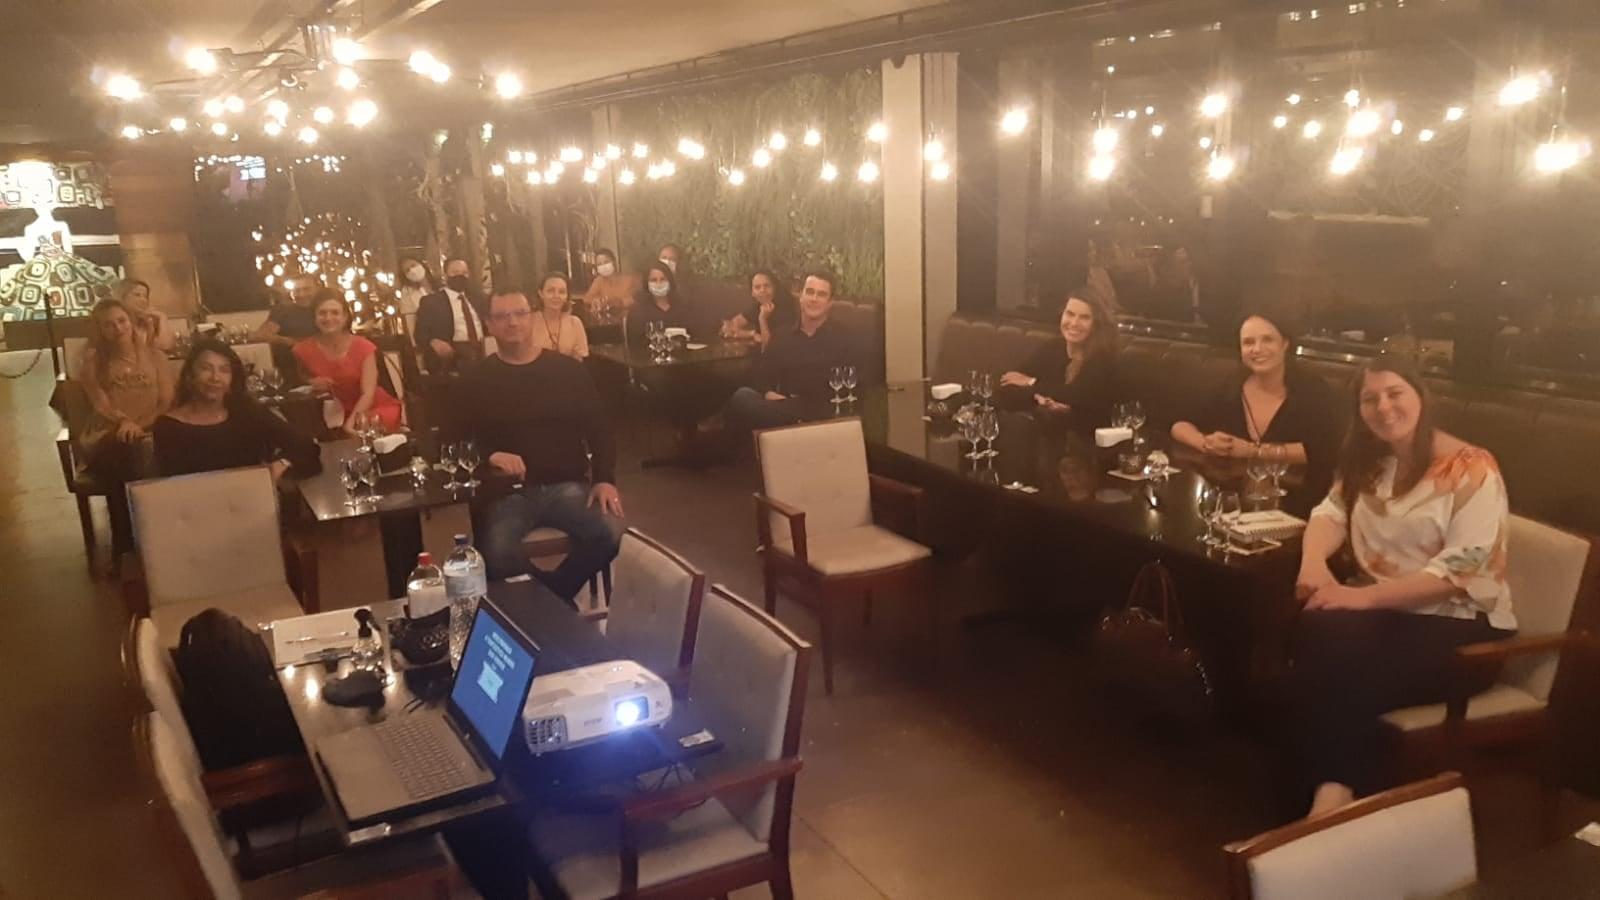 Curso de vinho para iniciante, Escola de Vinho de Brasilia, Restaurante Santé Lago, inicio dia 19.10.2021 as 19h30.